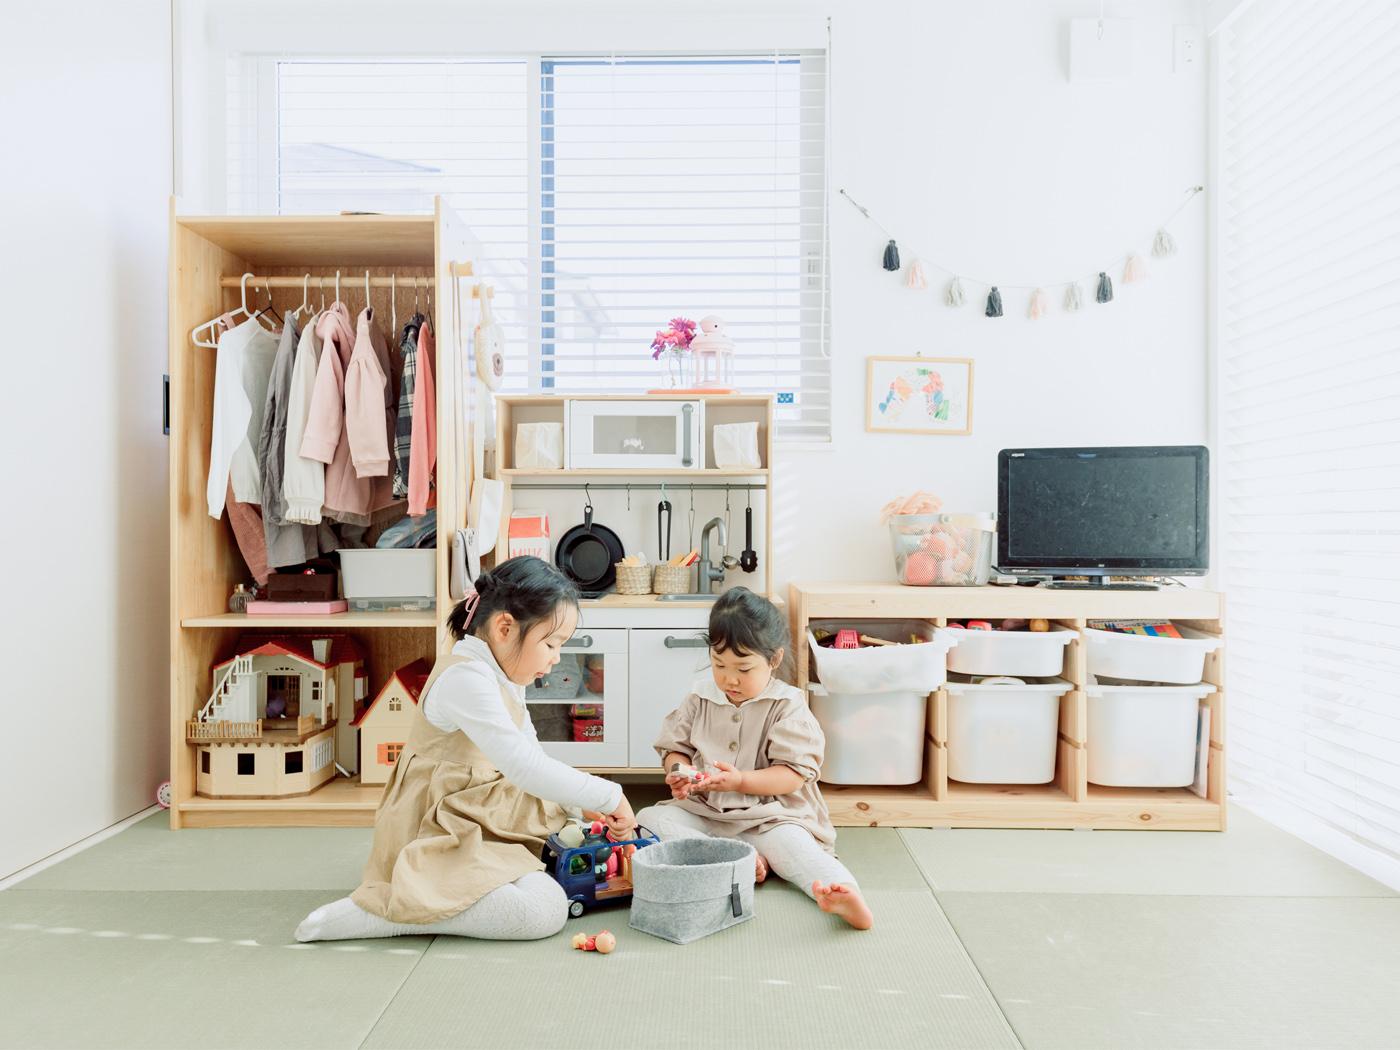 和室には大きな引き出し付きの収納をレイアウトし、おもちゃの片付けもしやすく。